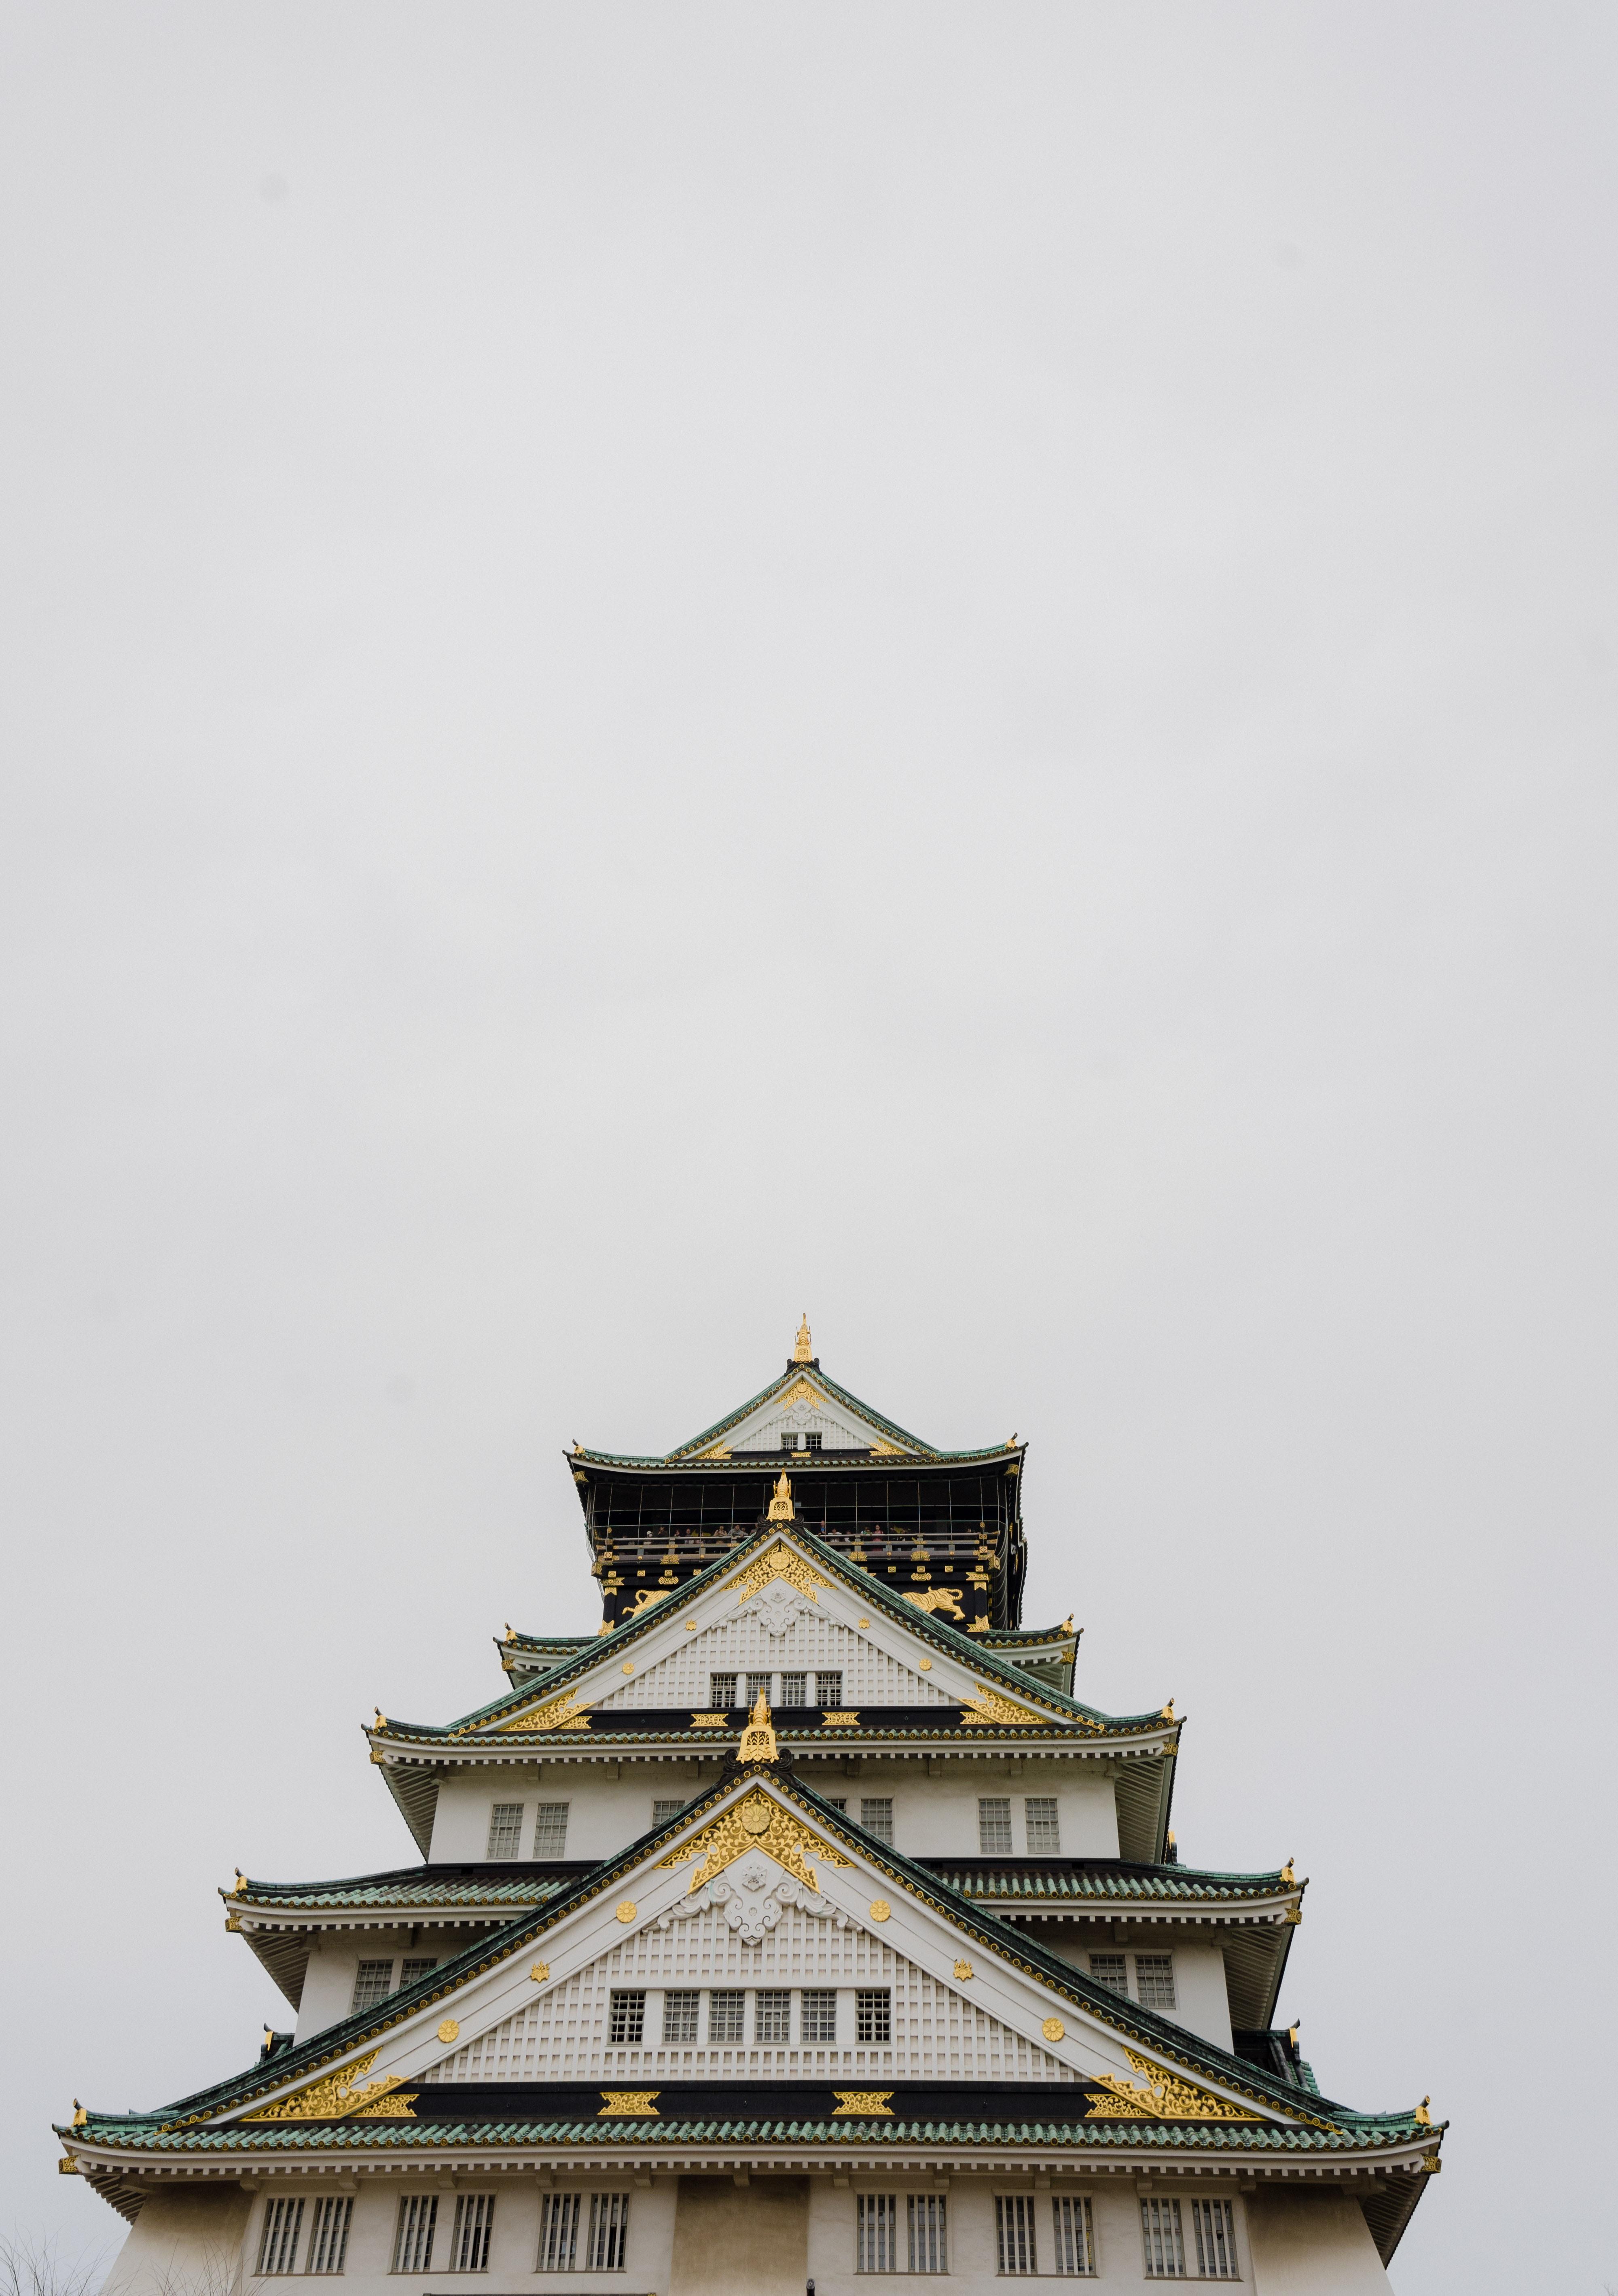 大阪城周辺のおすすめ観光スポットBEST10!グルメやショッピングも楽しい!